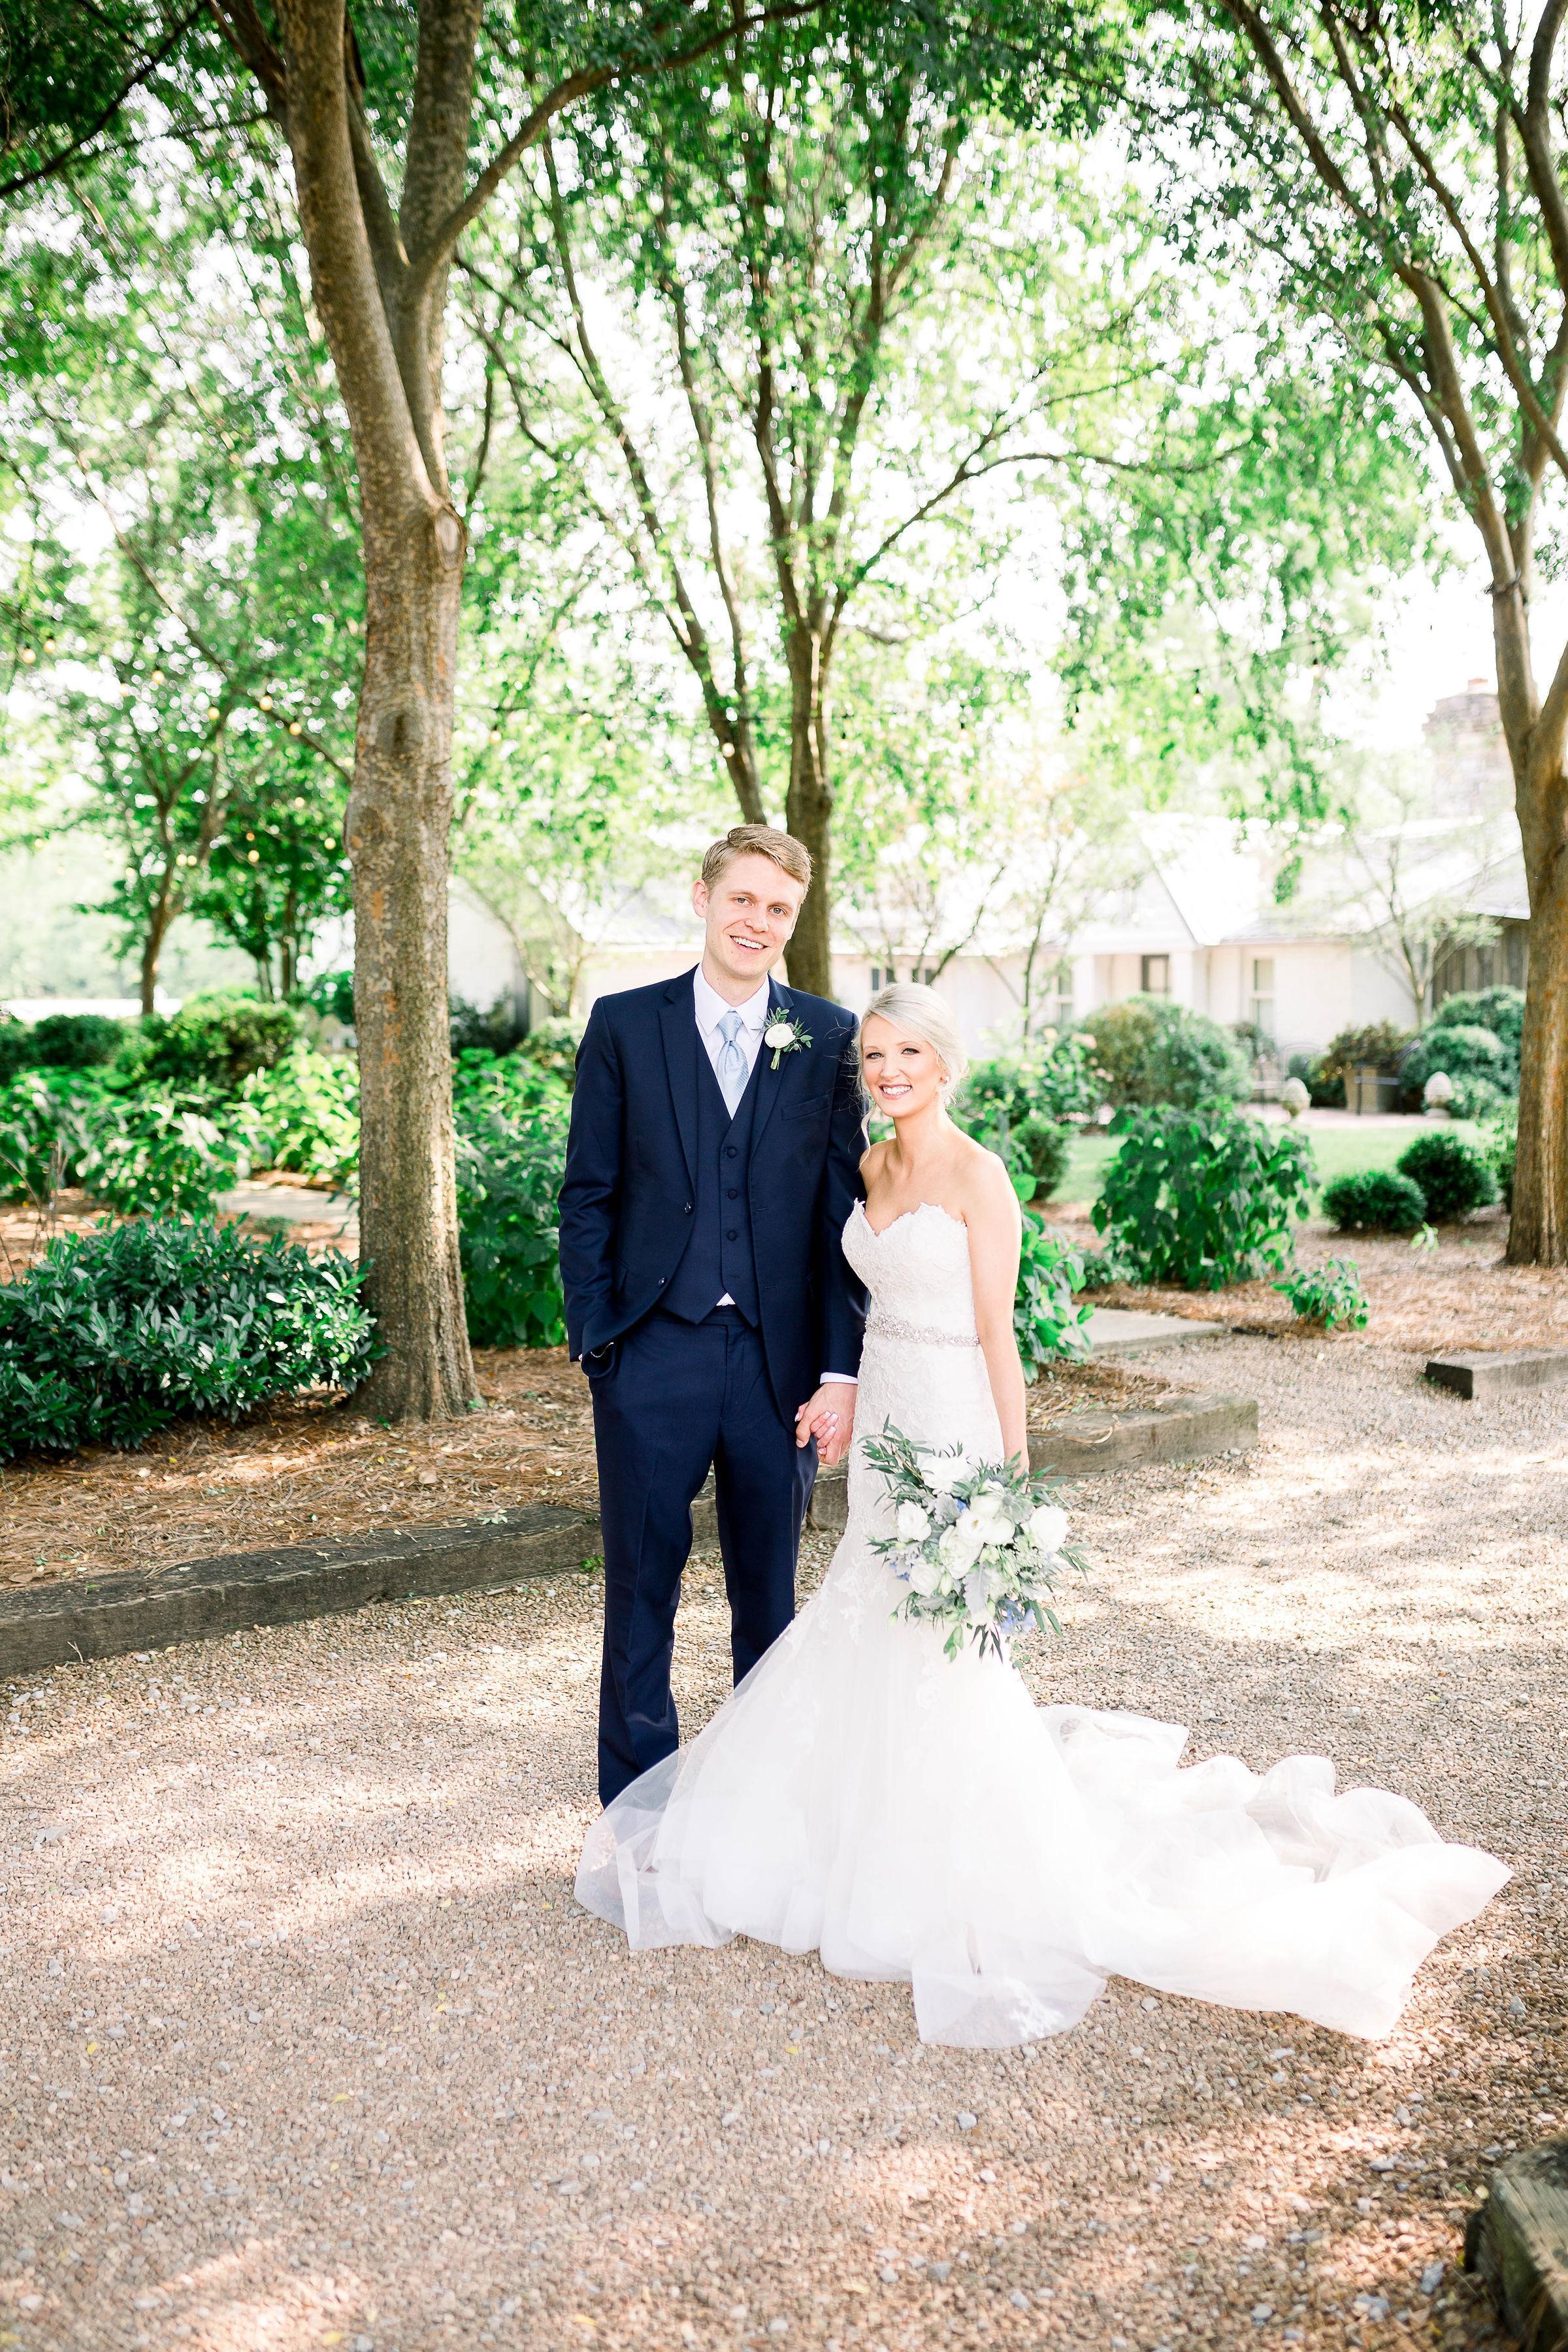 Mrs. E and Steven